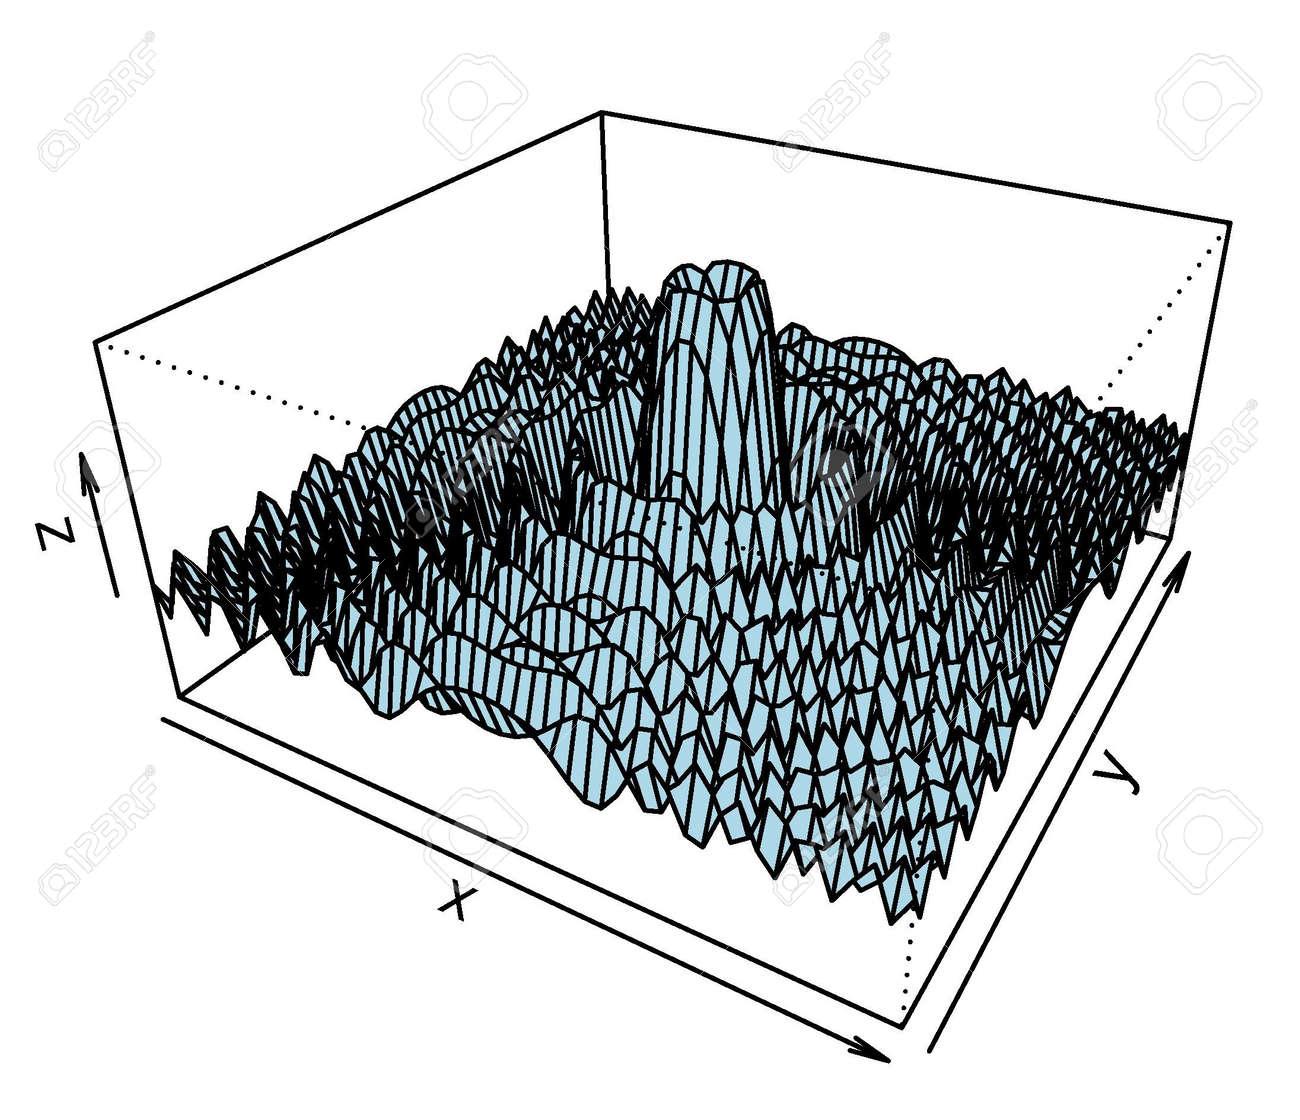 Trama De Superficie 3D Del Modelo Matemático Ilustraciones ...